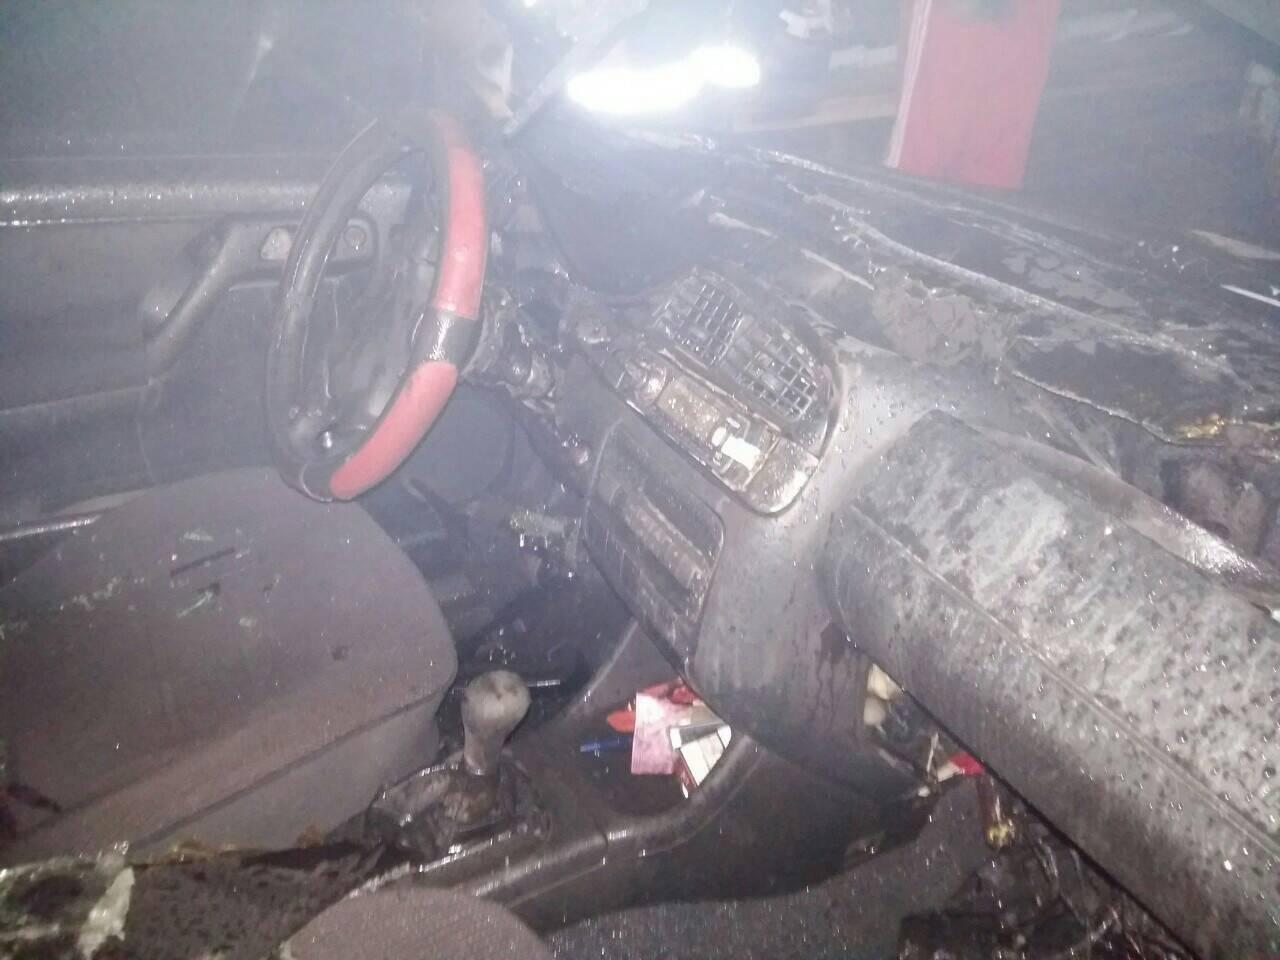 Закарпатському активісту спалили дві машини - поліція відкрила кримінальне провадження (ФОТО), фото-8